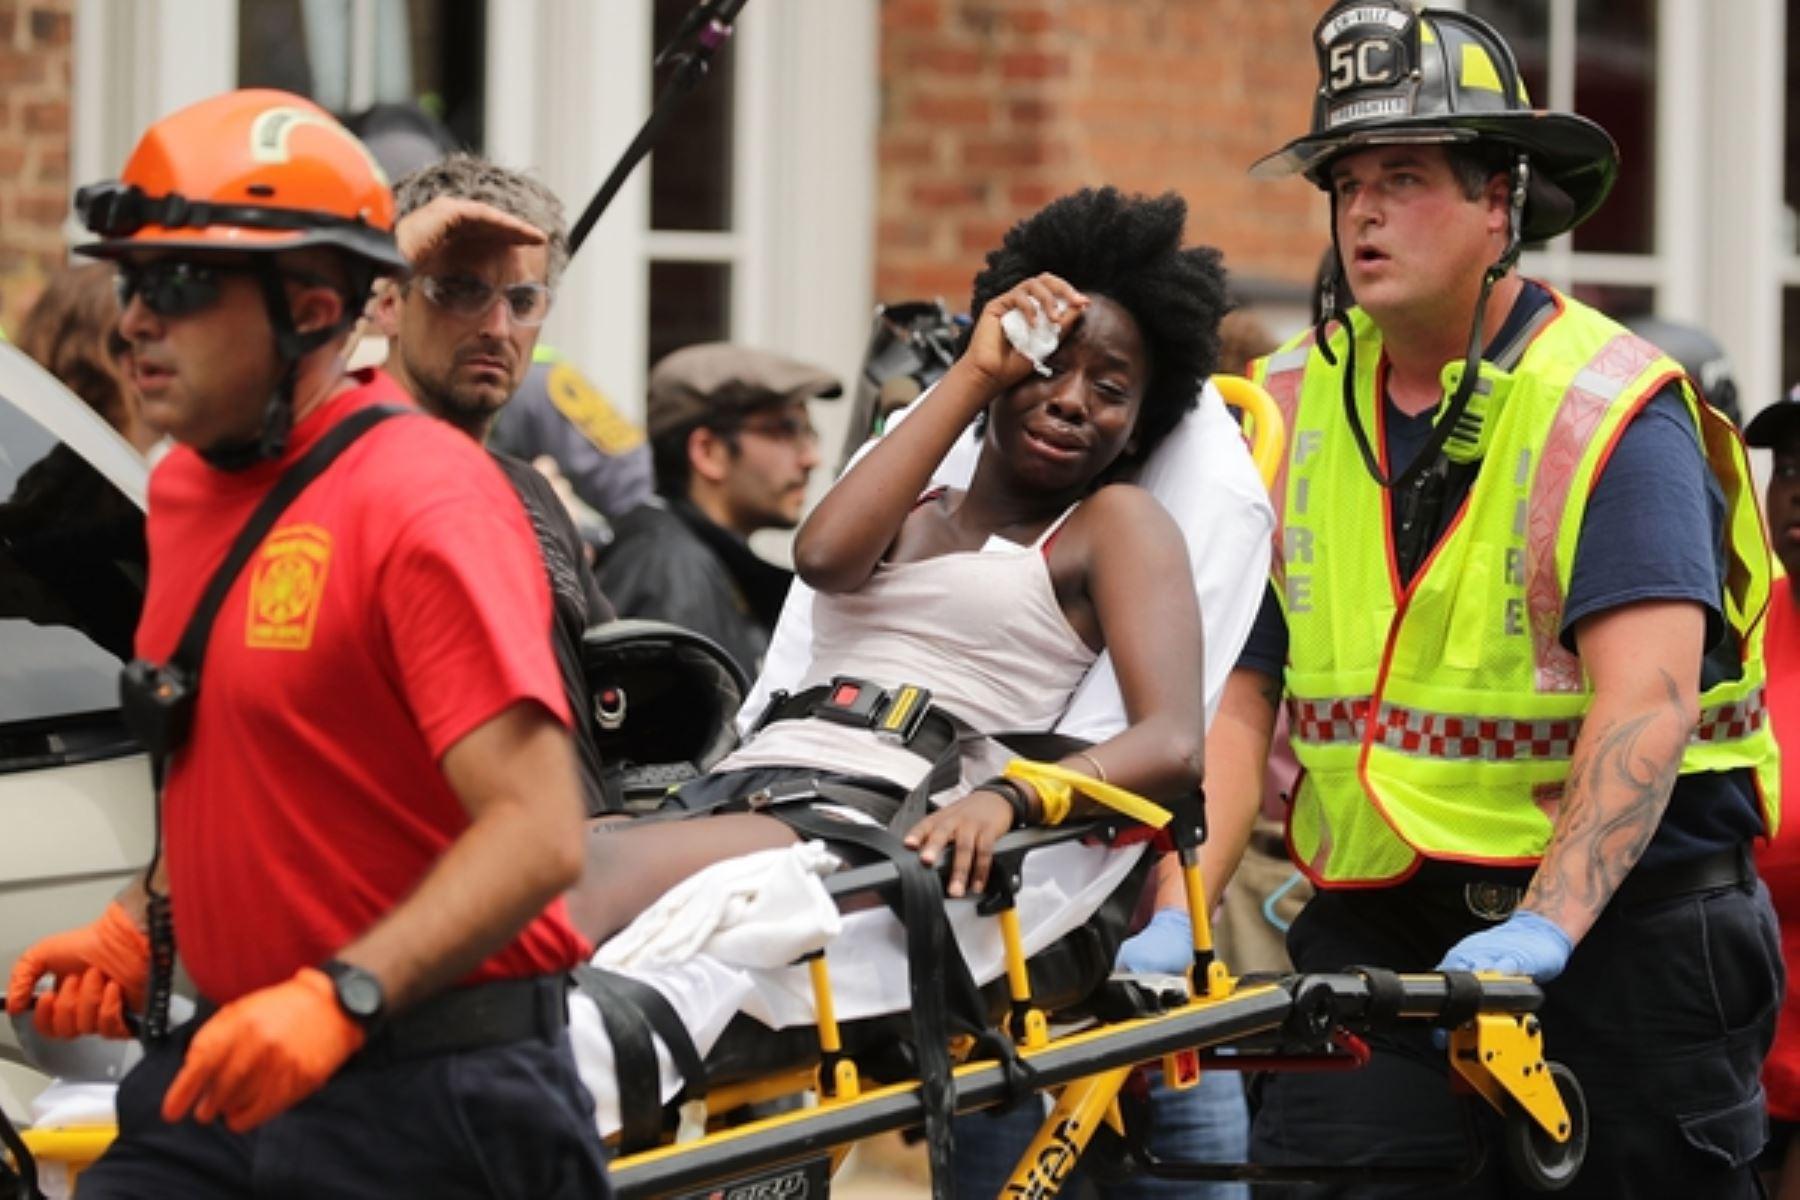 Un muerto en violenta manifestación de derecha radical en EE. UU.. Foto: AFP.